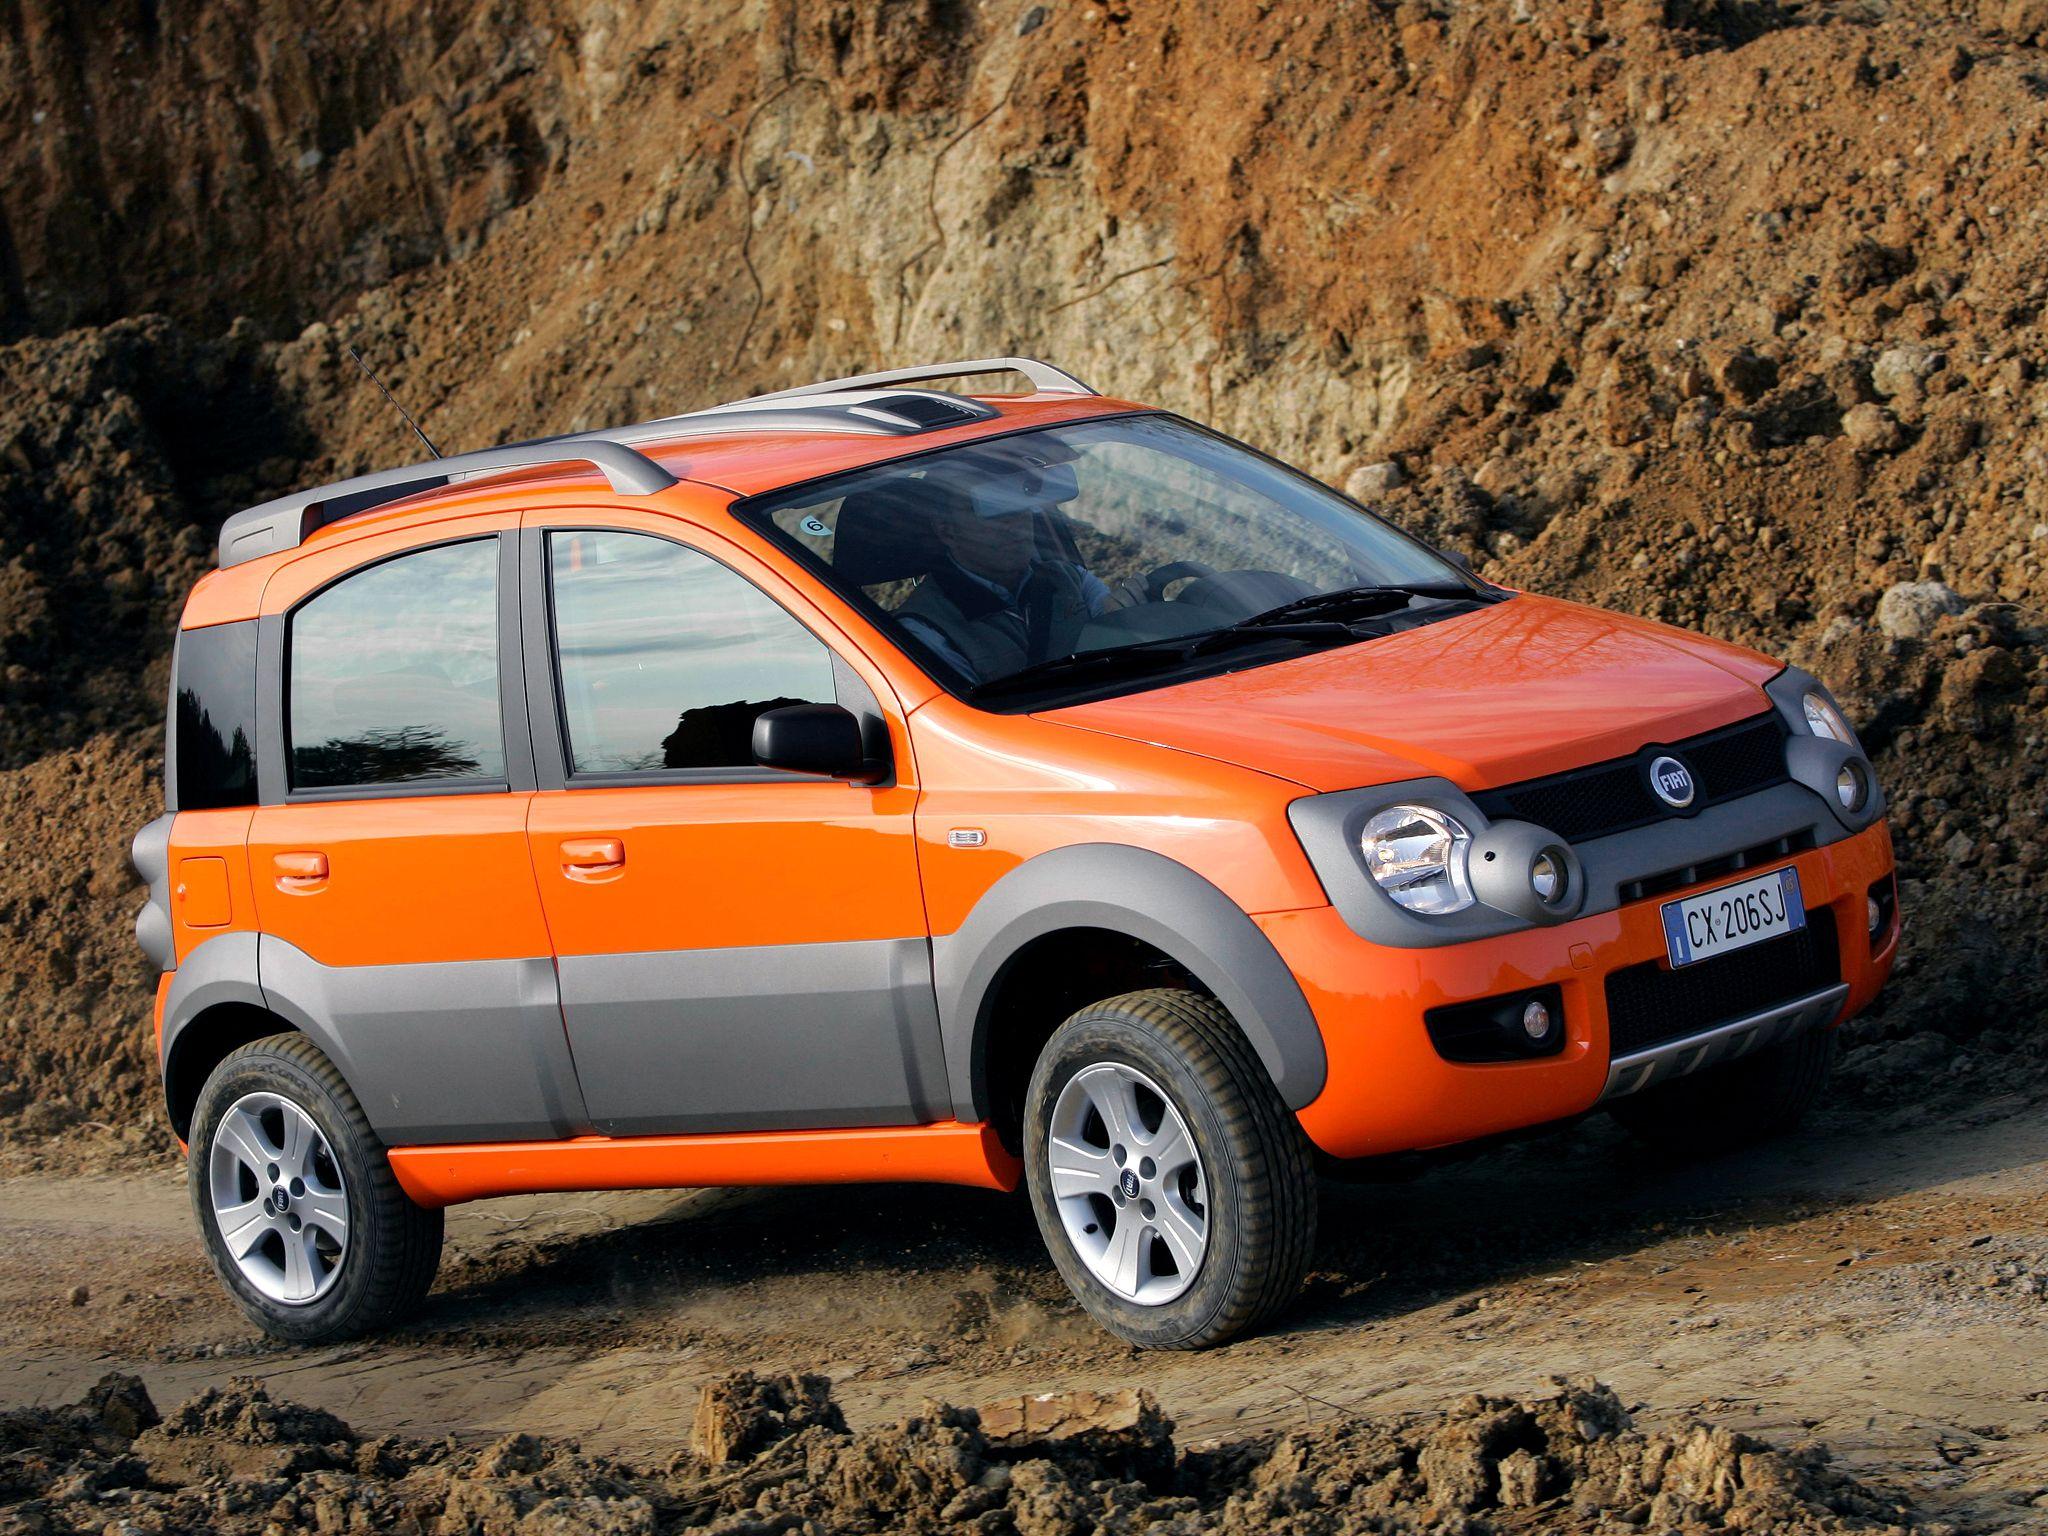 Fiat Panda 4x4 Cross Fiat Panda Fiat Cars Fiat